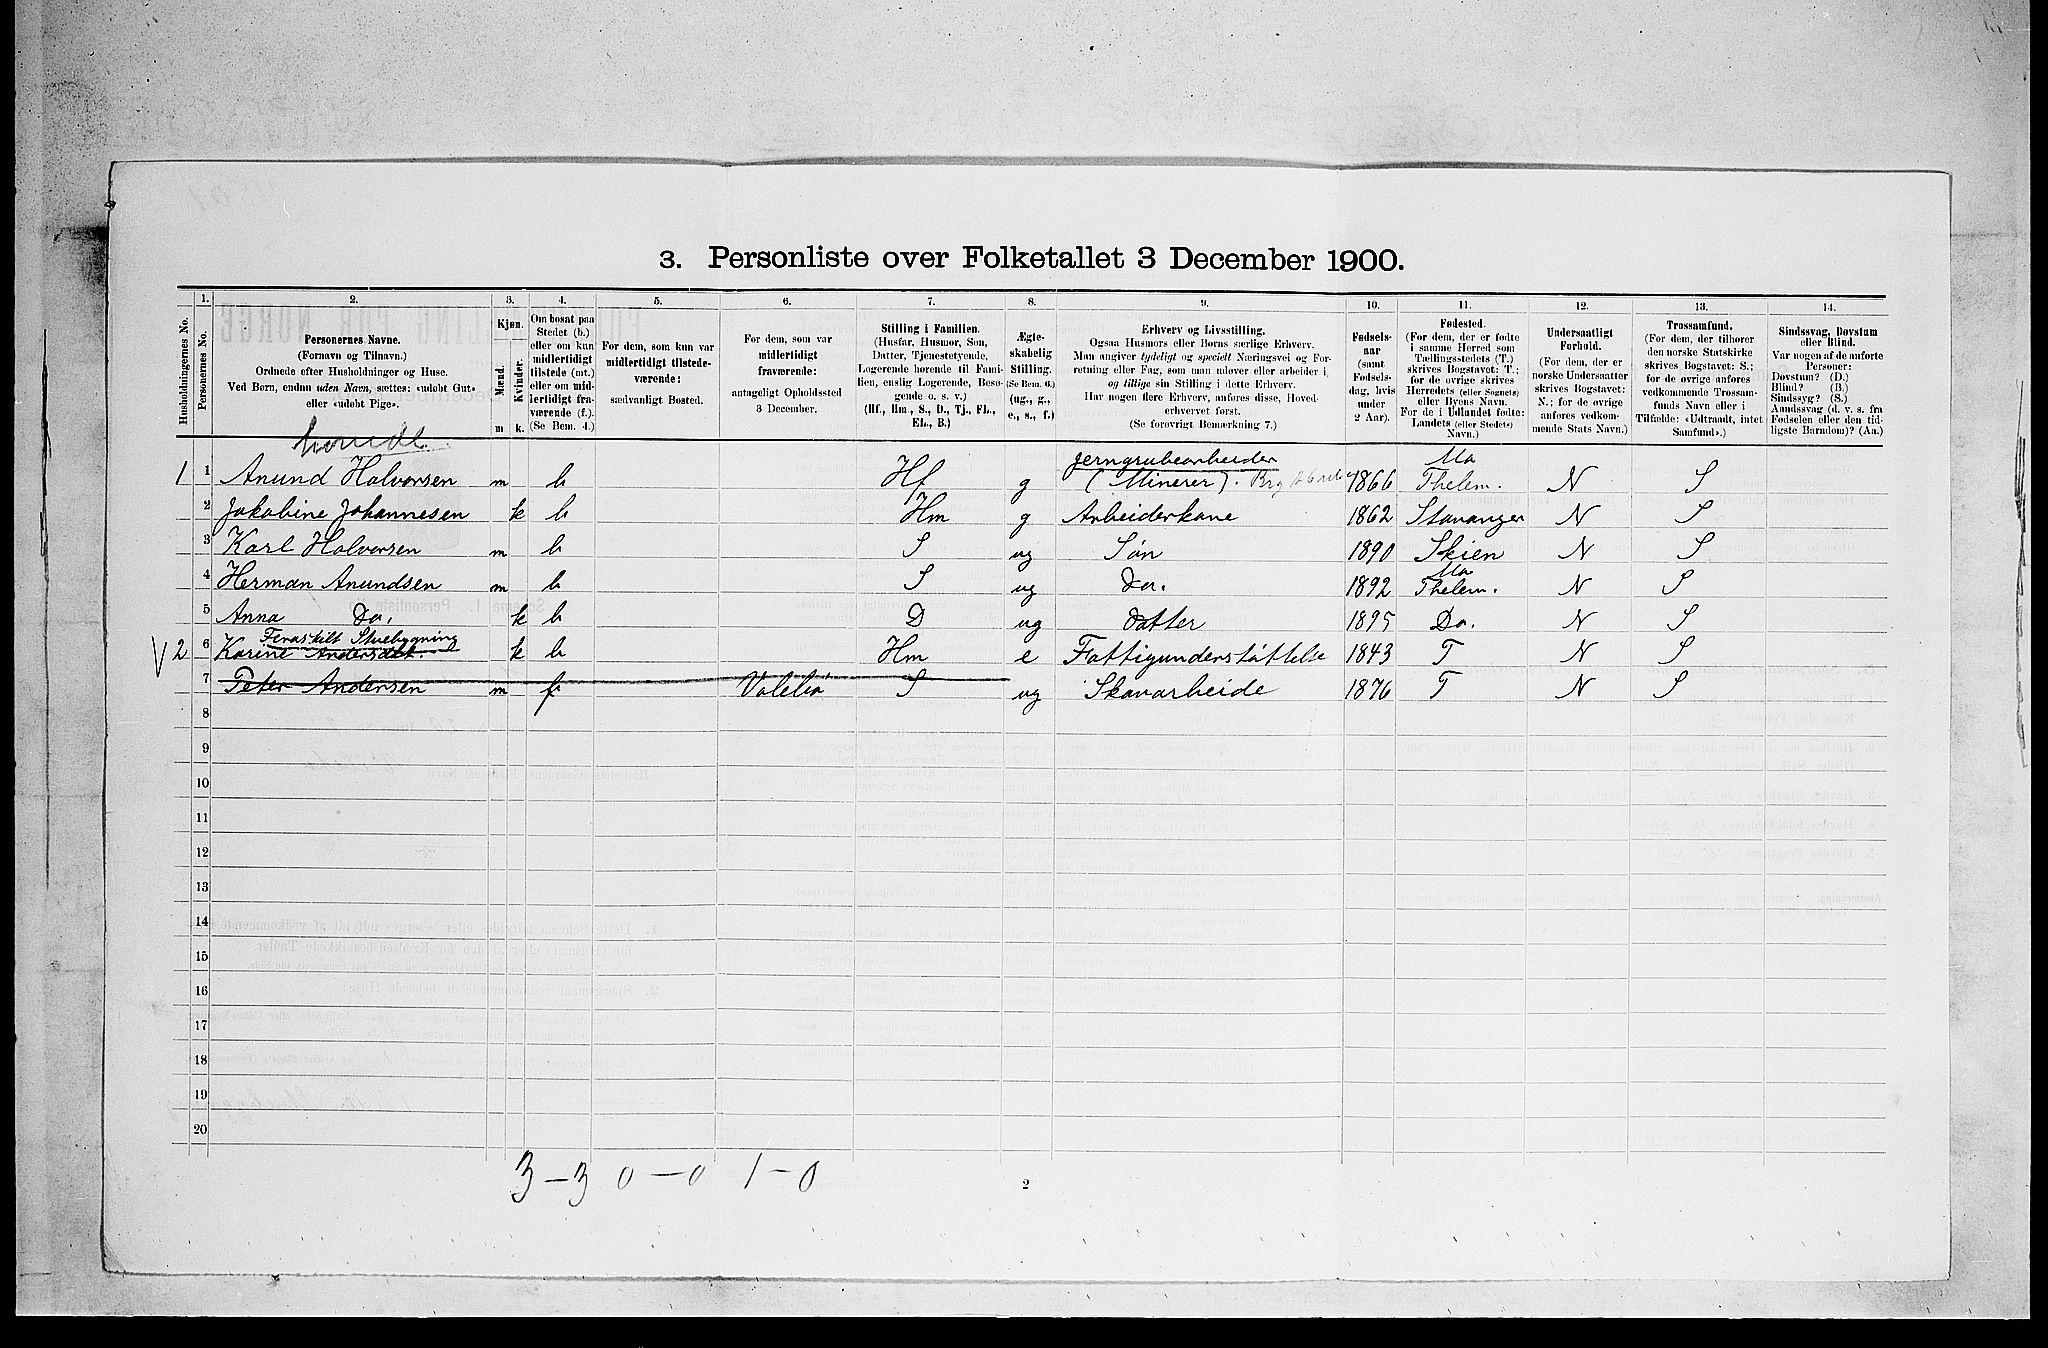 SAKO, Folketelling 1900 for 0819 Holla herred, 1900, s. 536